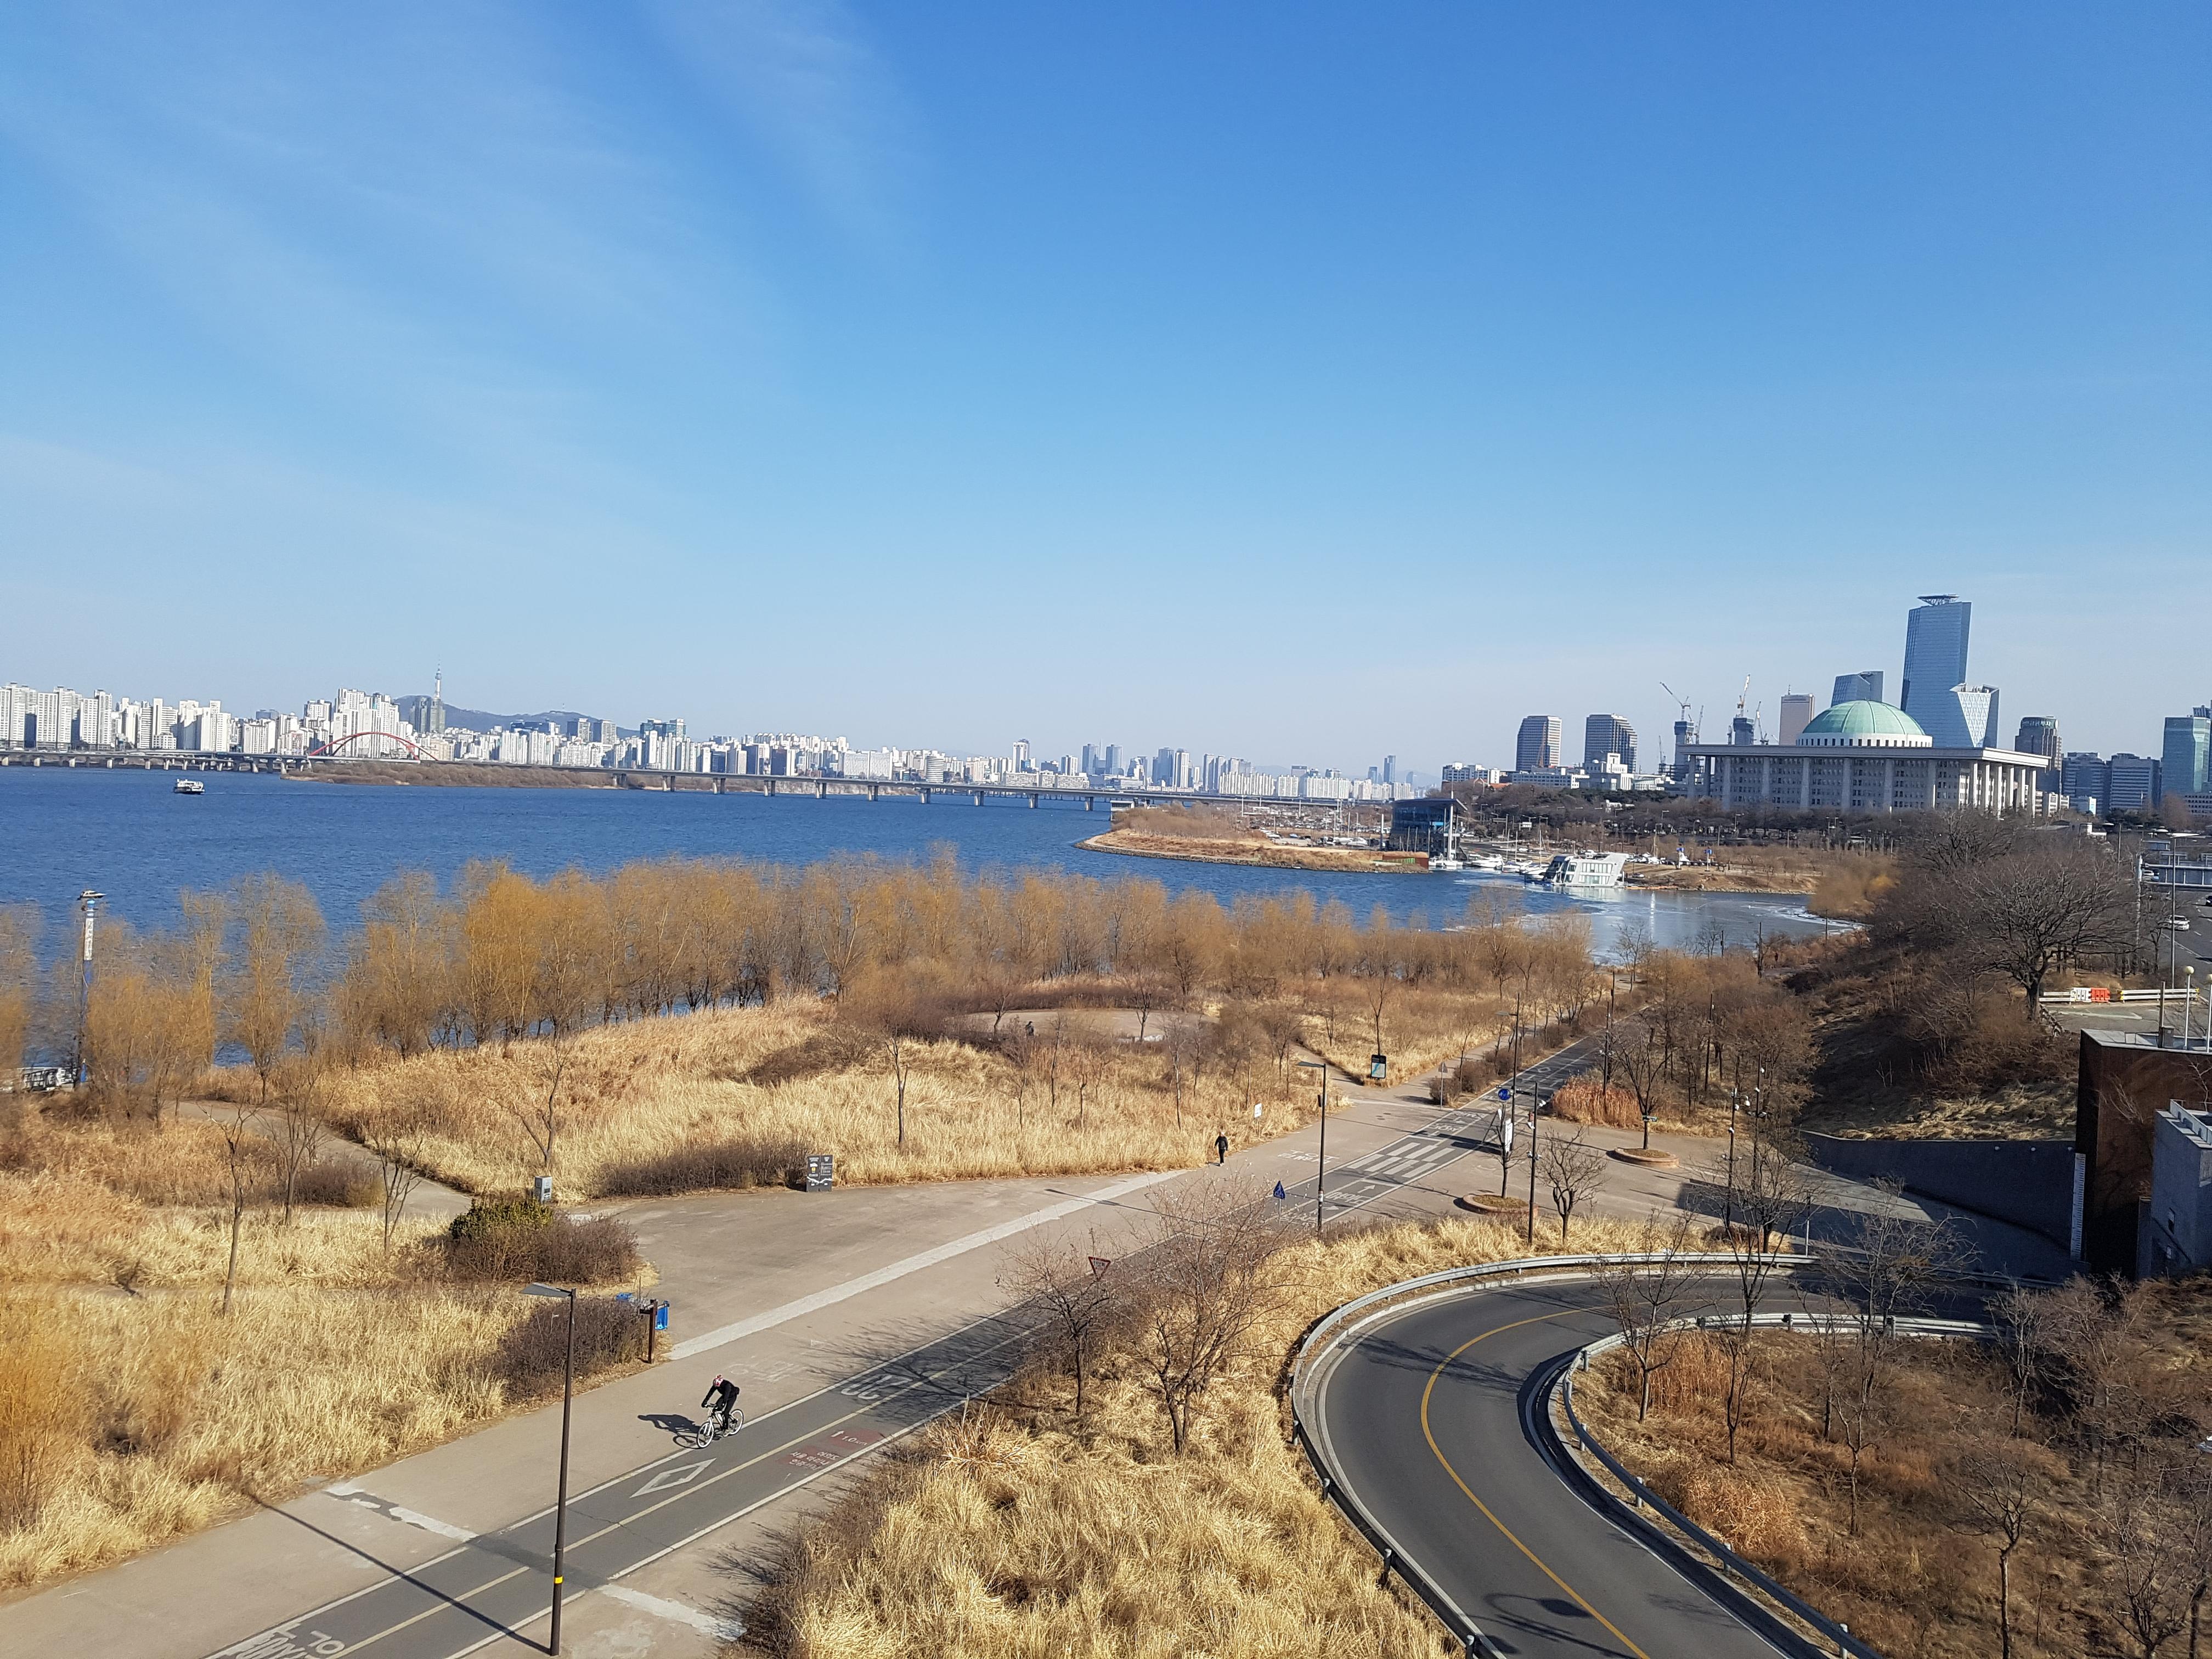 맑고 맑은 날, 한강 산책 - 겨울 마른 풍경